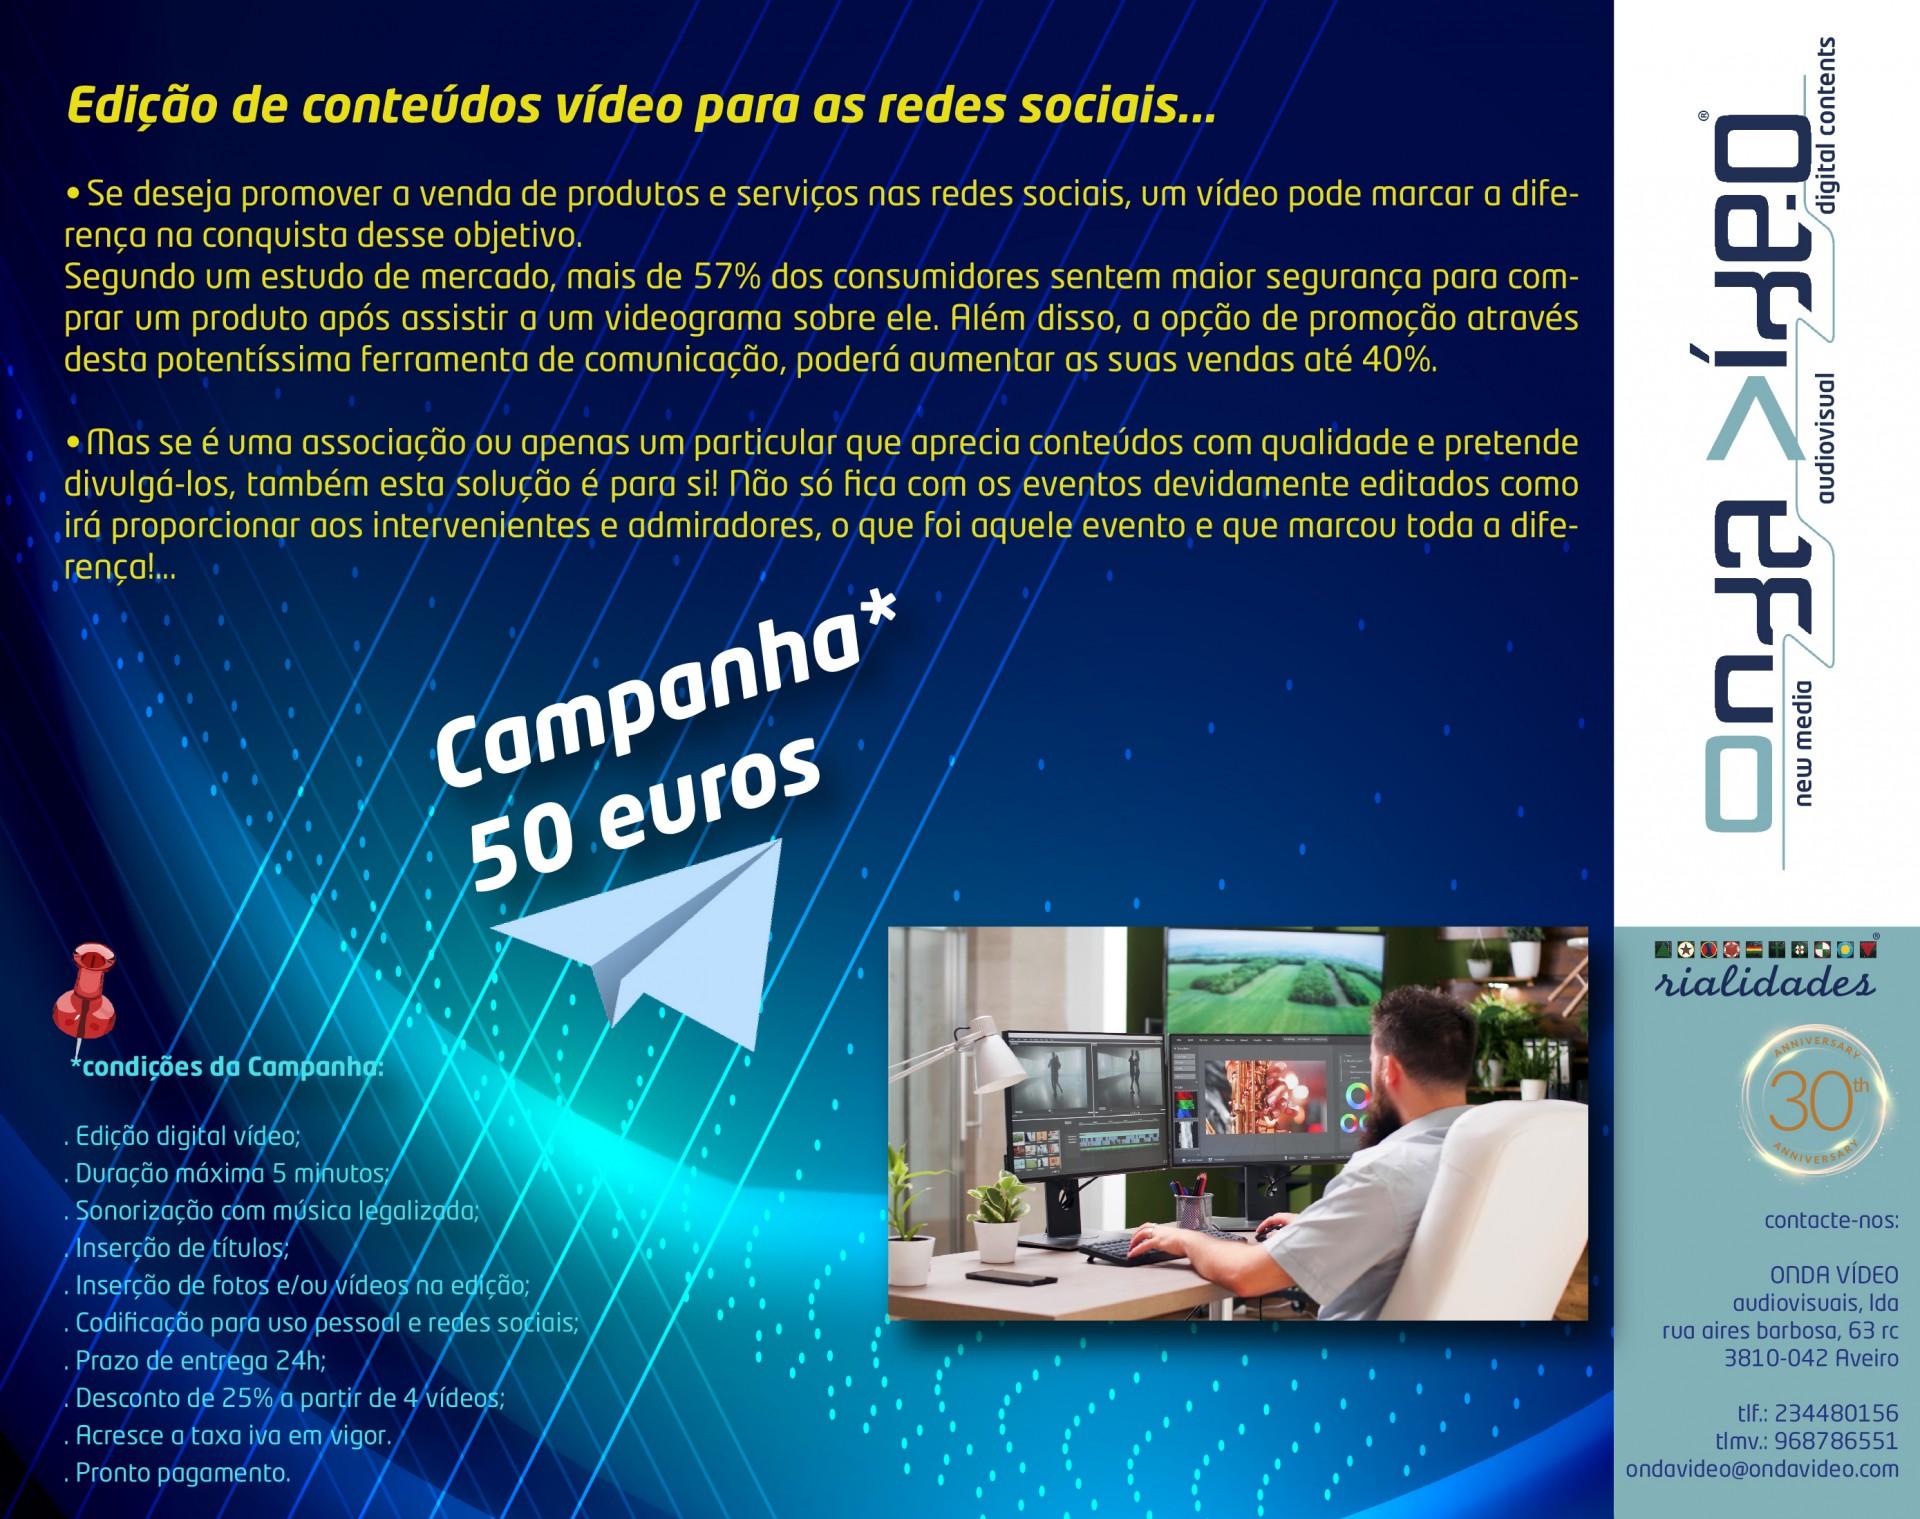 EDIÇÃO VÍDEO para Redes Sociais